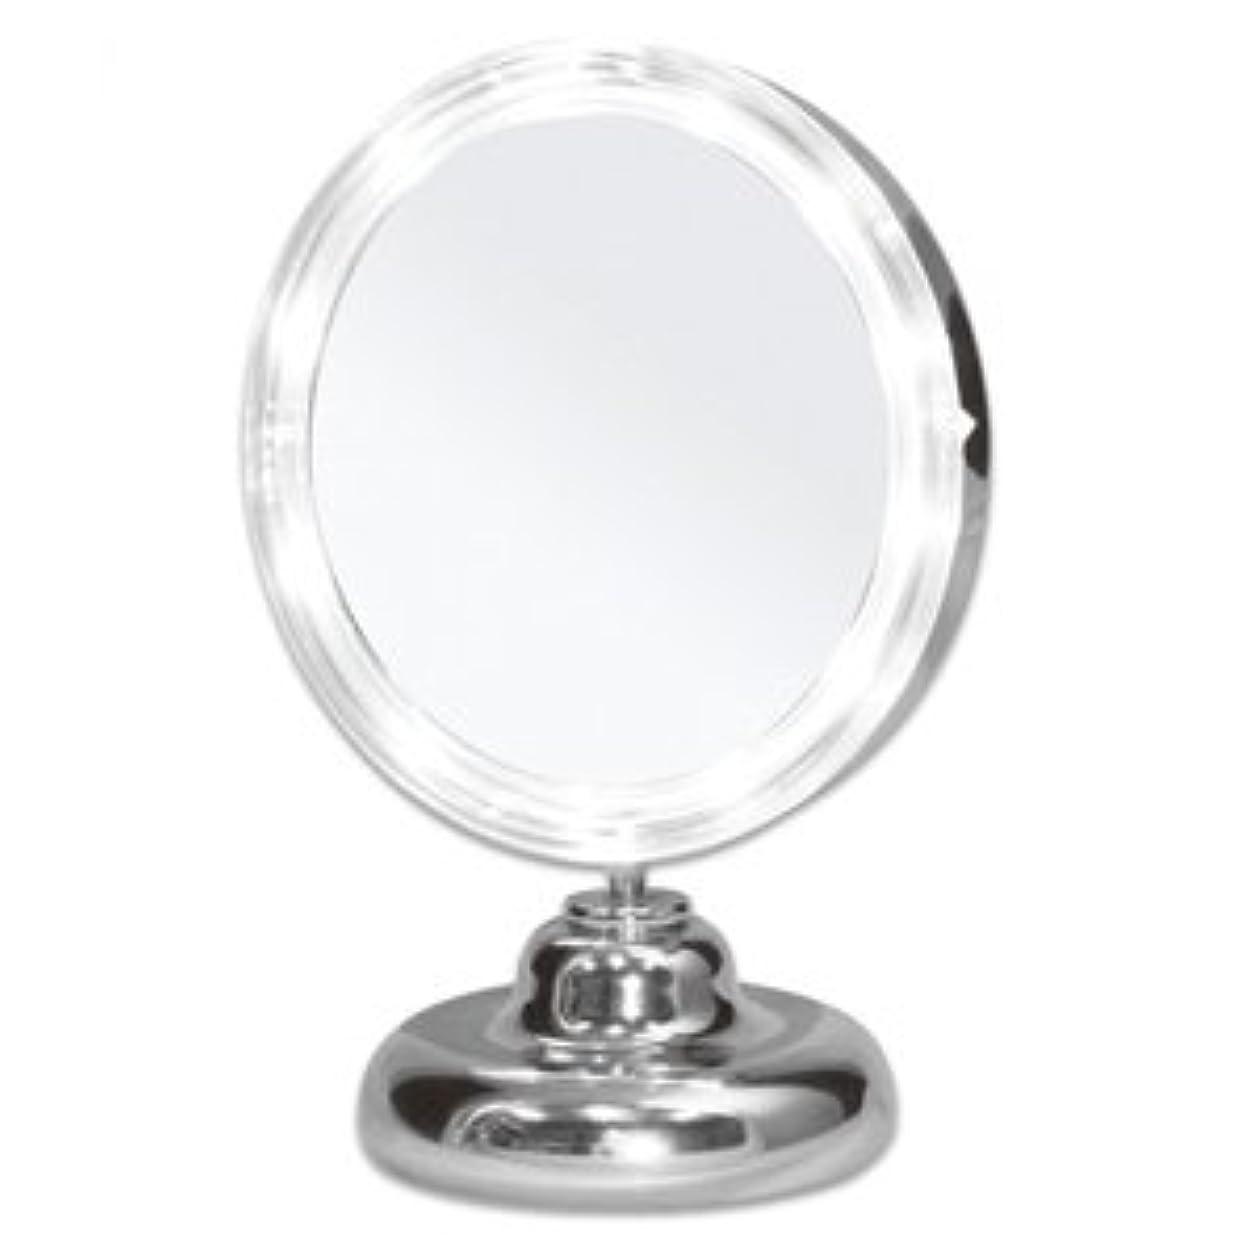 雪だるま牛肉ジャズシミ?しわ?たるみ?毛穴が驚くほど良く見える!拡大鏡 5倍拡大+LEDライト付き 真実の鏡DX ミニS型 しっかり見えるから、メイクアップやお手入れがしやすい!どこでも使える電池式 角度調節可 真実の鏡 DX ミニS型